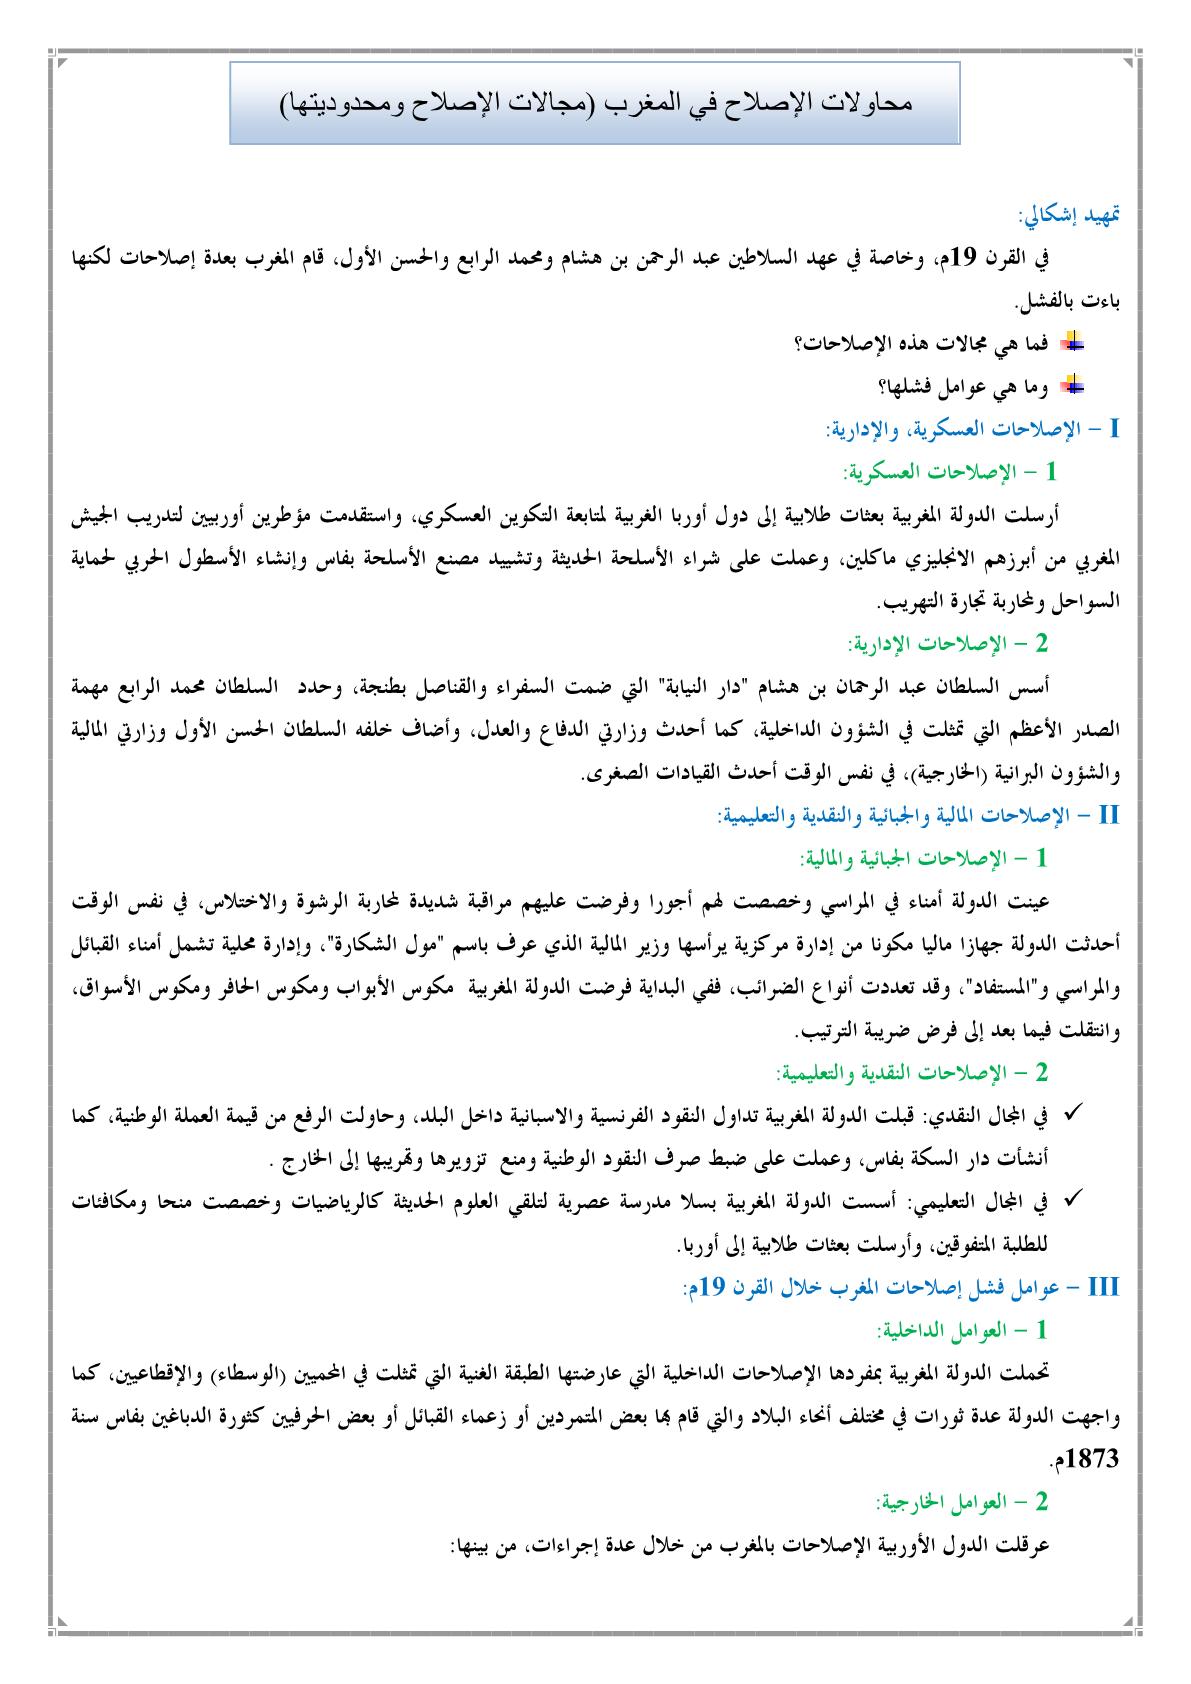 درس محاولات الإصلاح في المغرب (مجالات الإصلاح ومحدوديتها) أولى باك